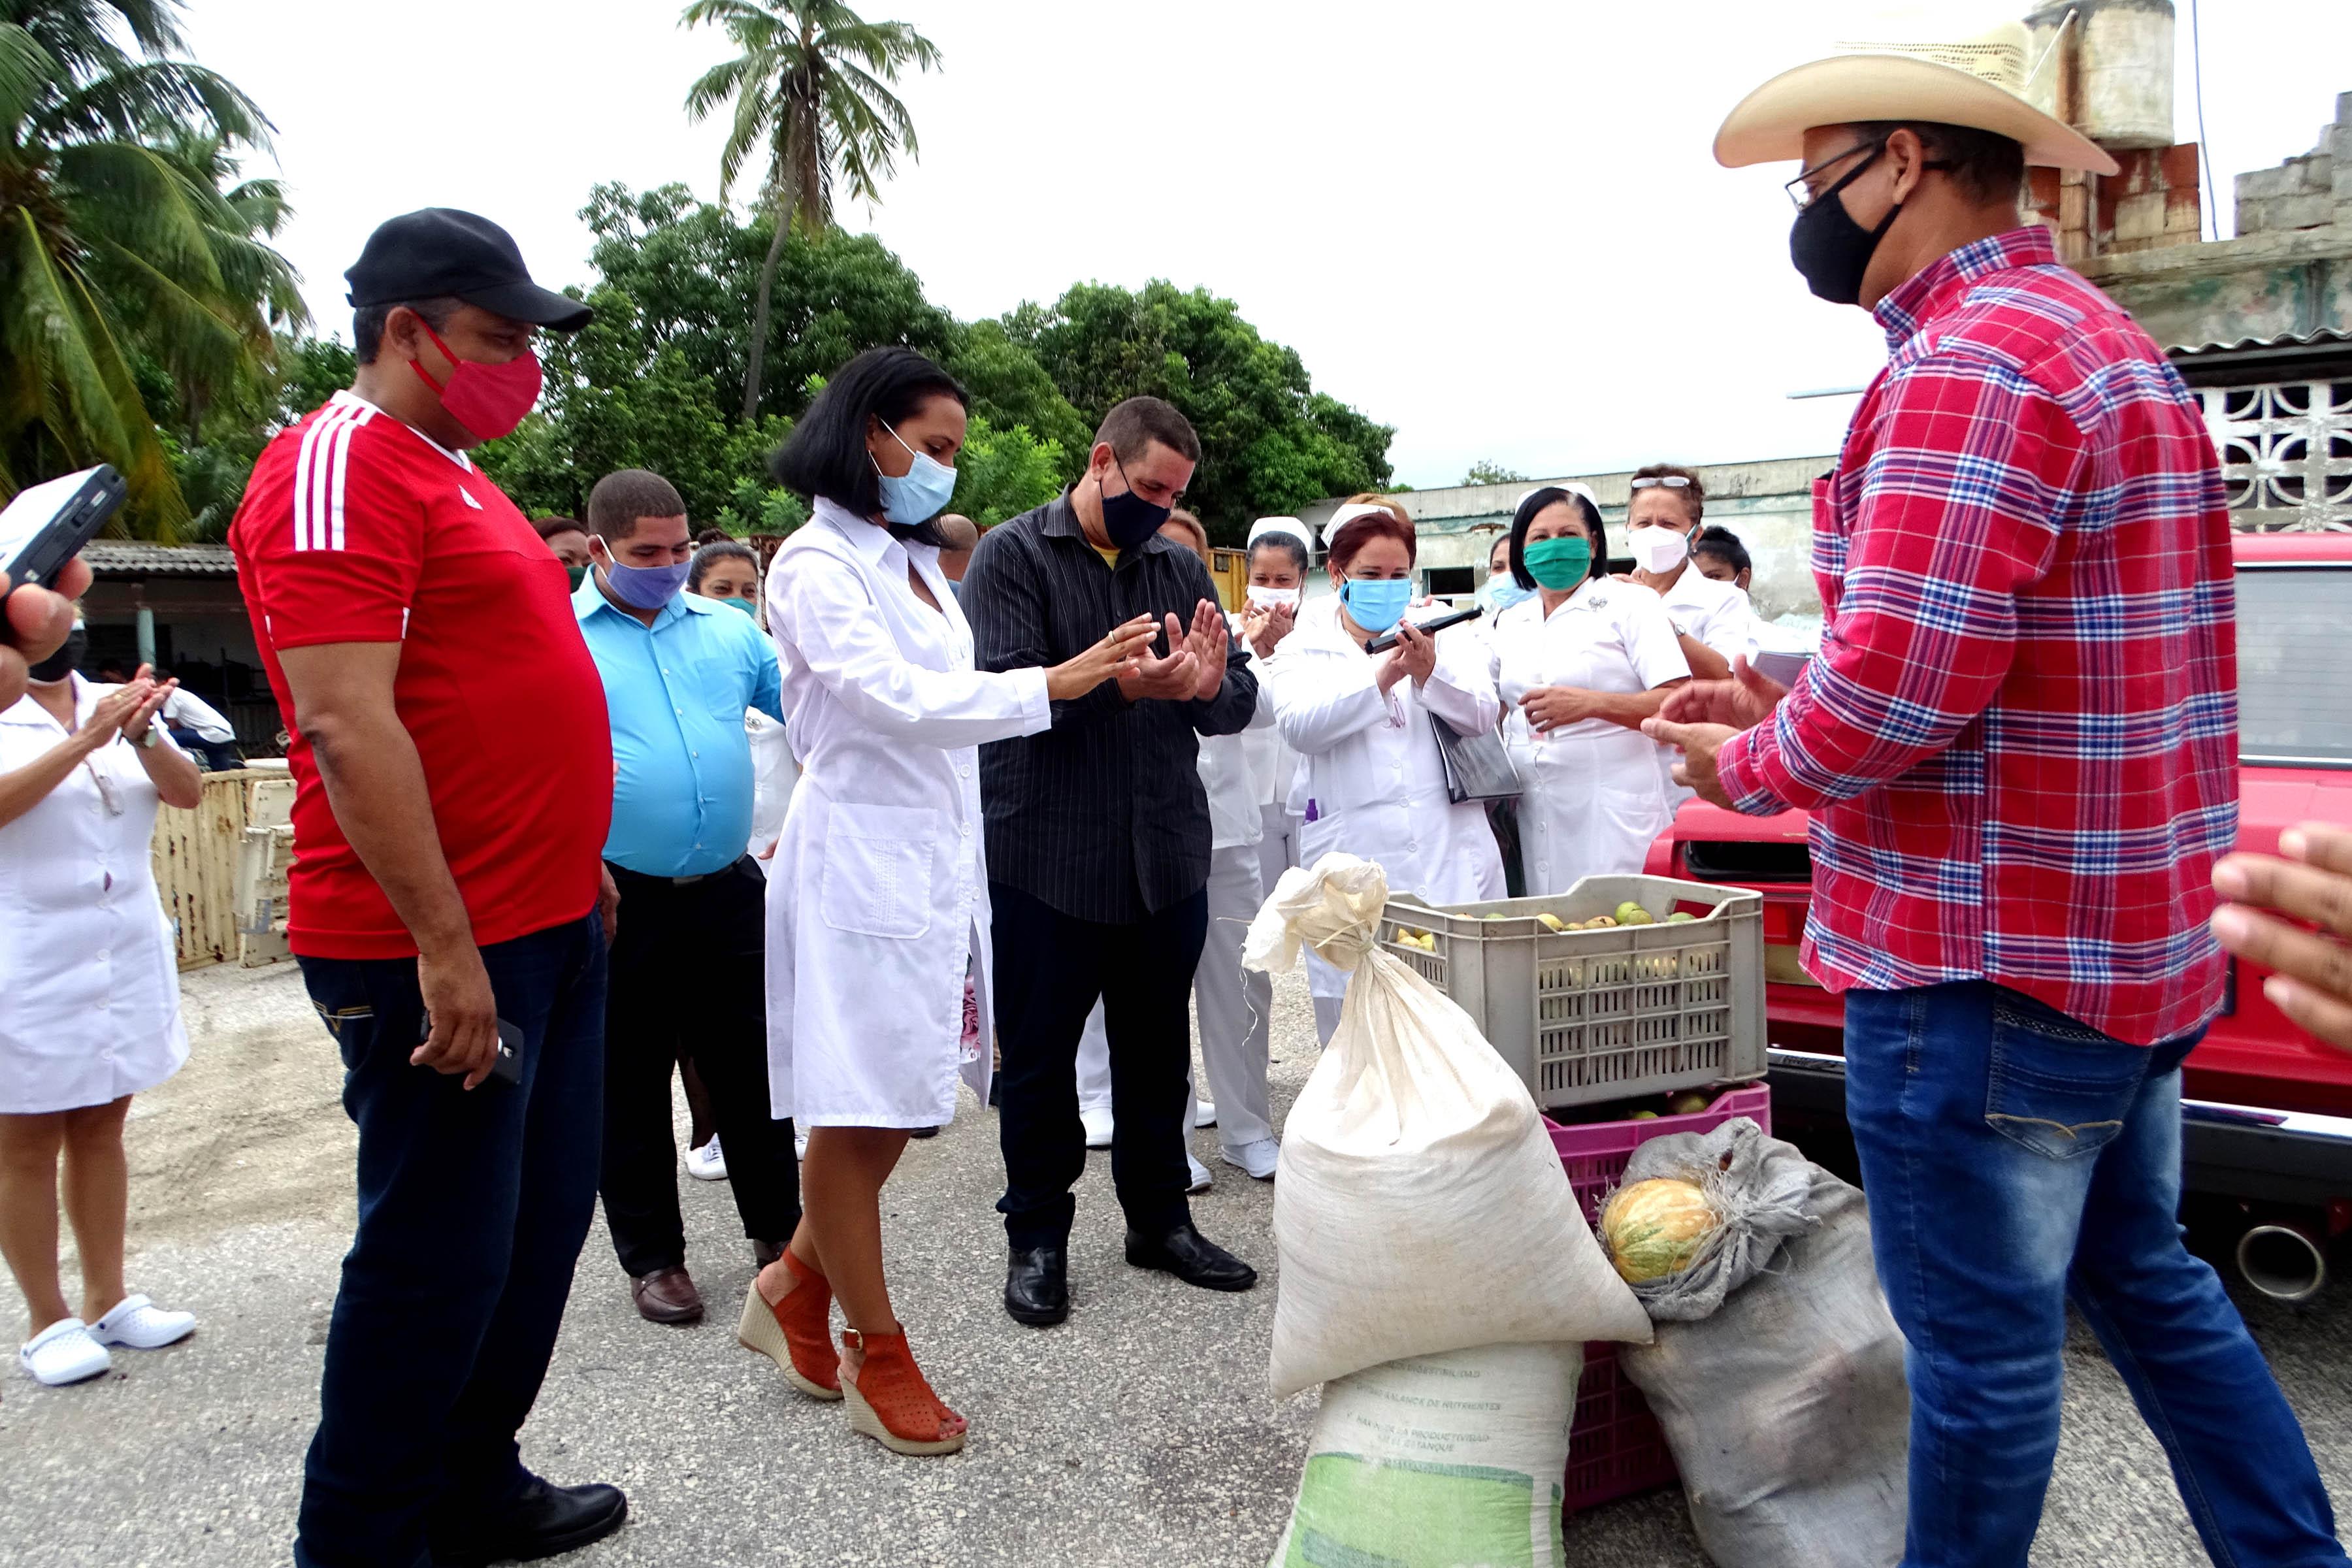 Donativos en gesto solidario en homenaje a Fidel